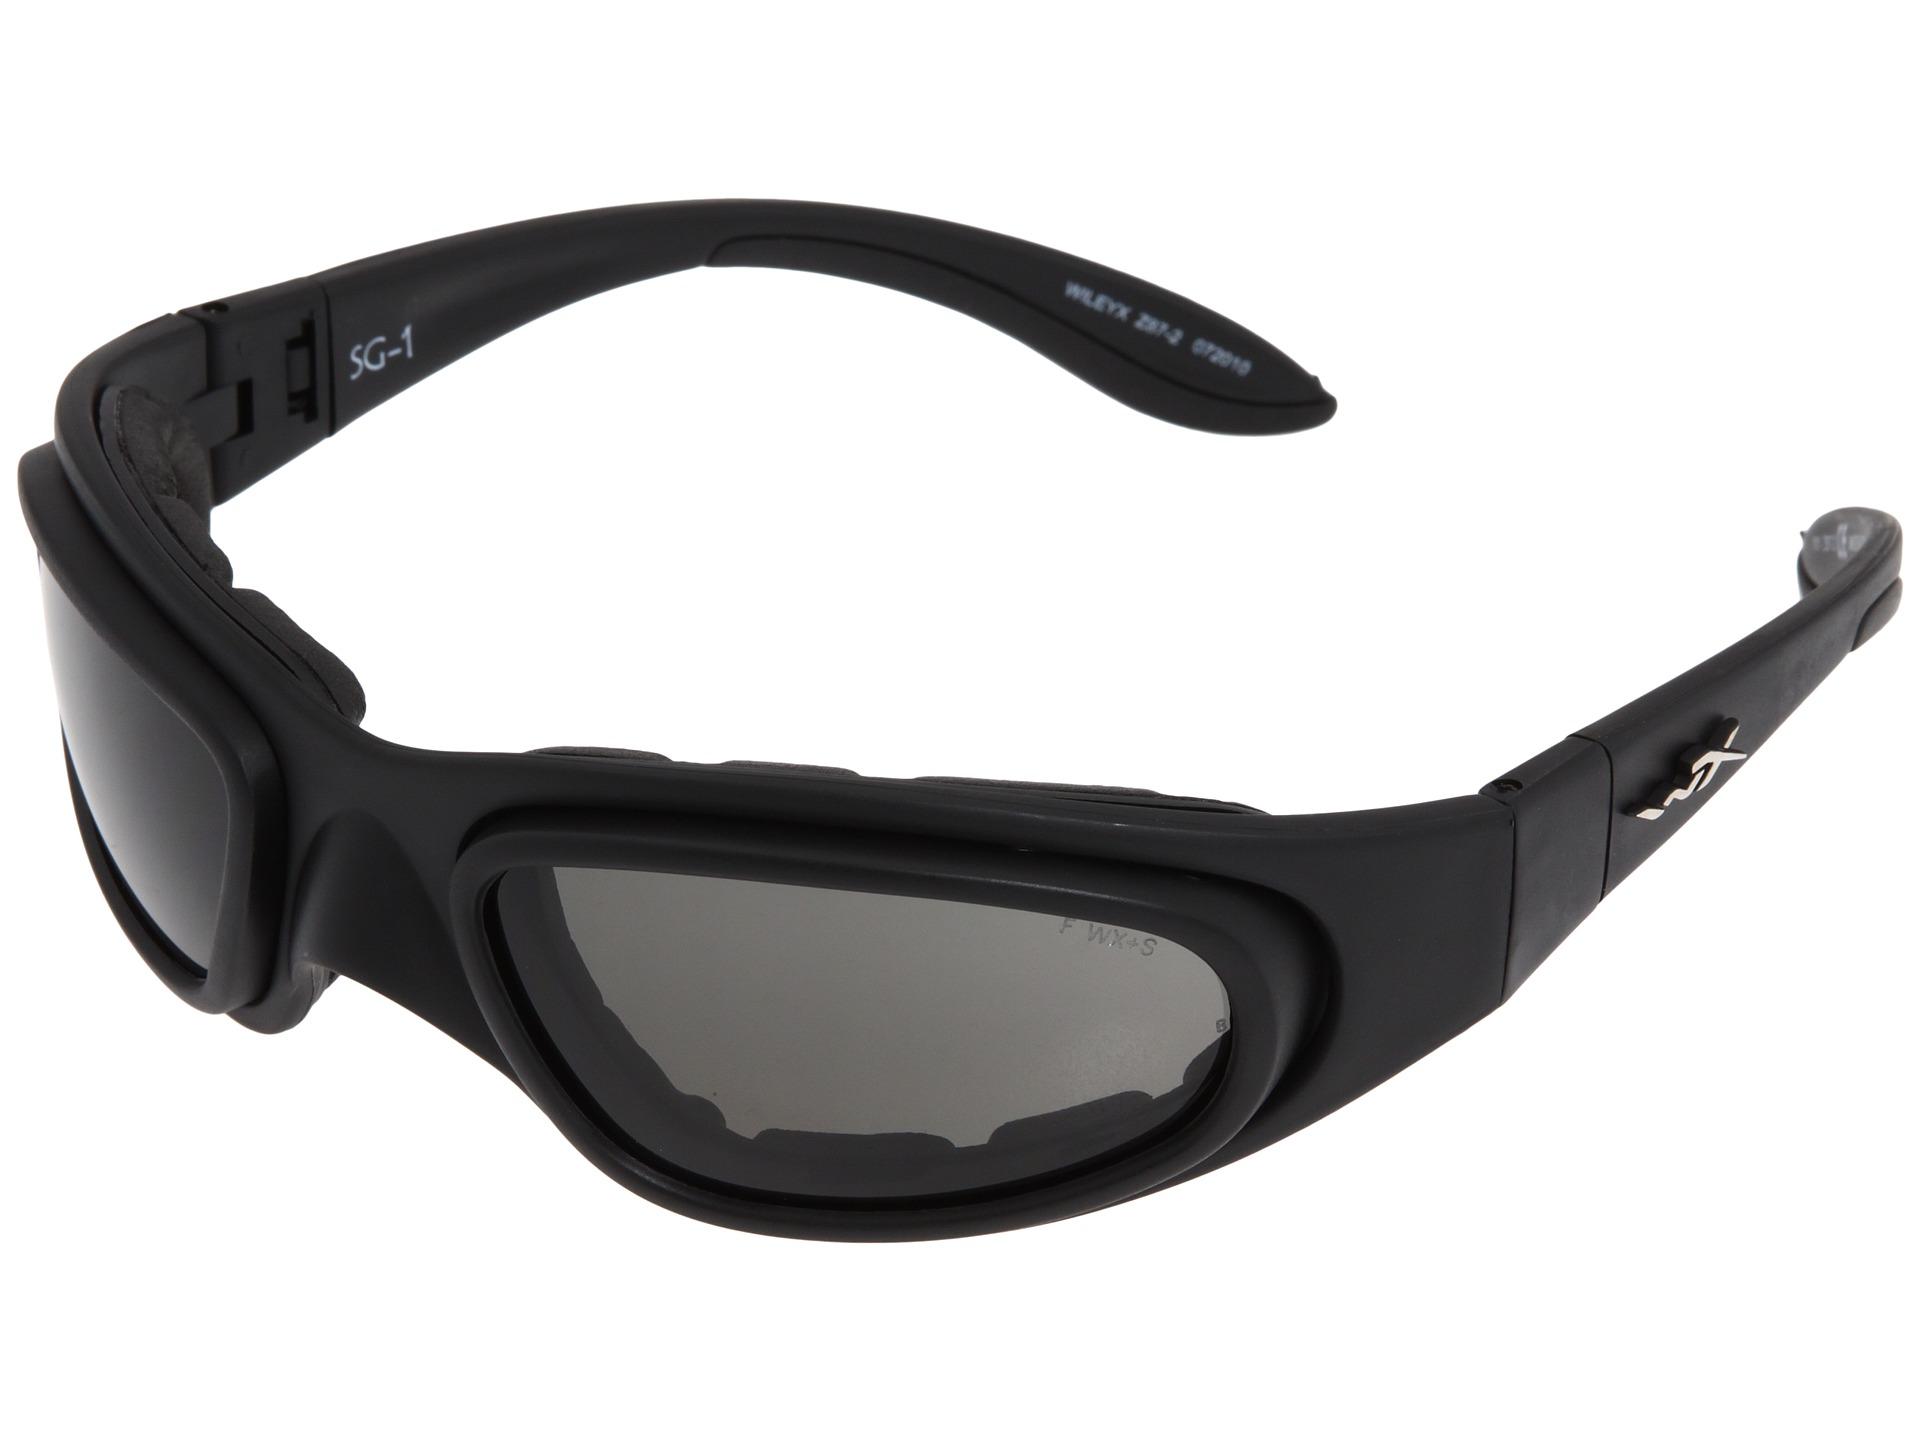 b7e704a0fc8 Wiley X Eyewear SG 1 BOTH Ways on PopScreen